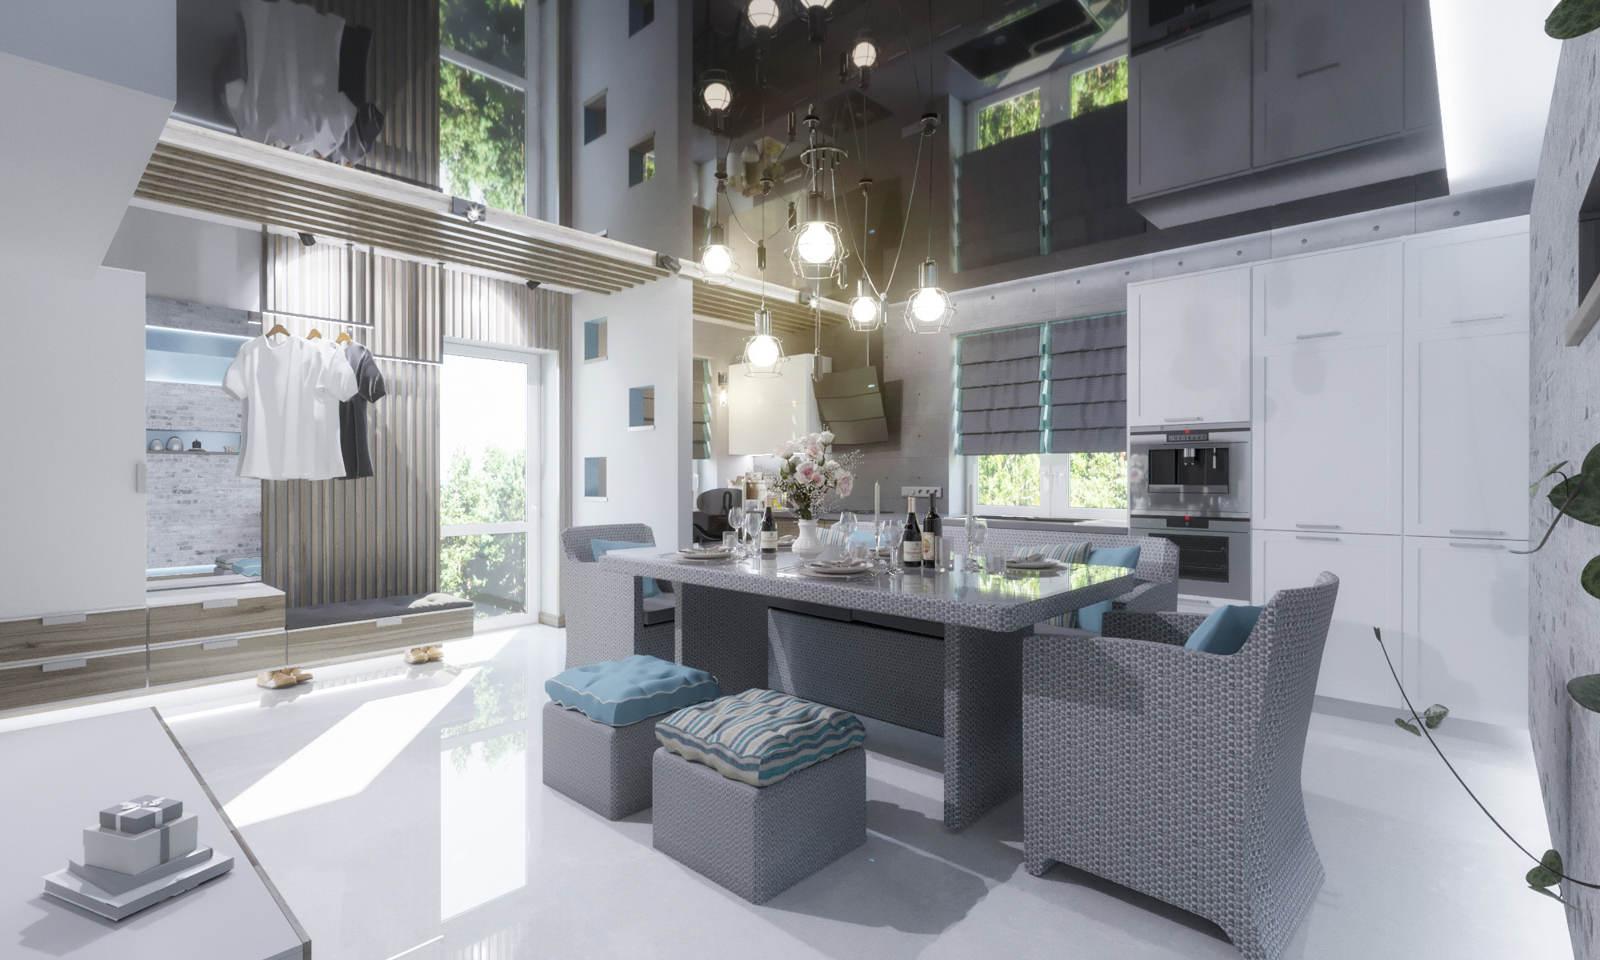 Дизайн кухни в квартире Киев модерн, современный, черный натяжной потолок